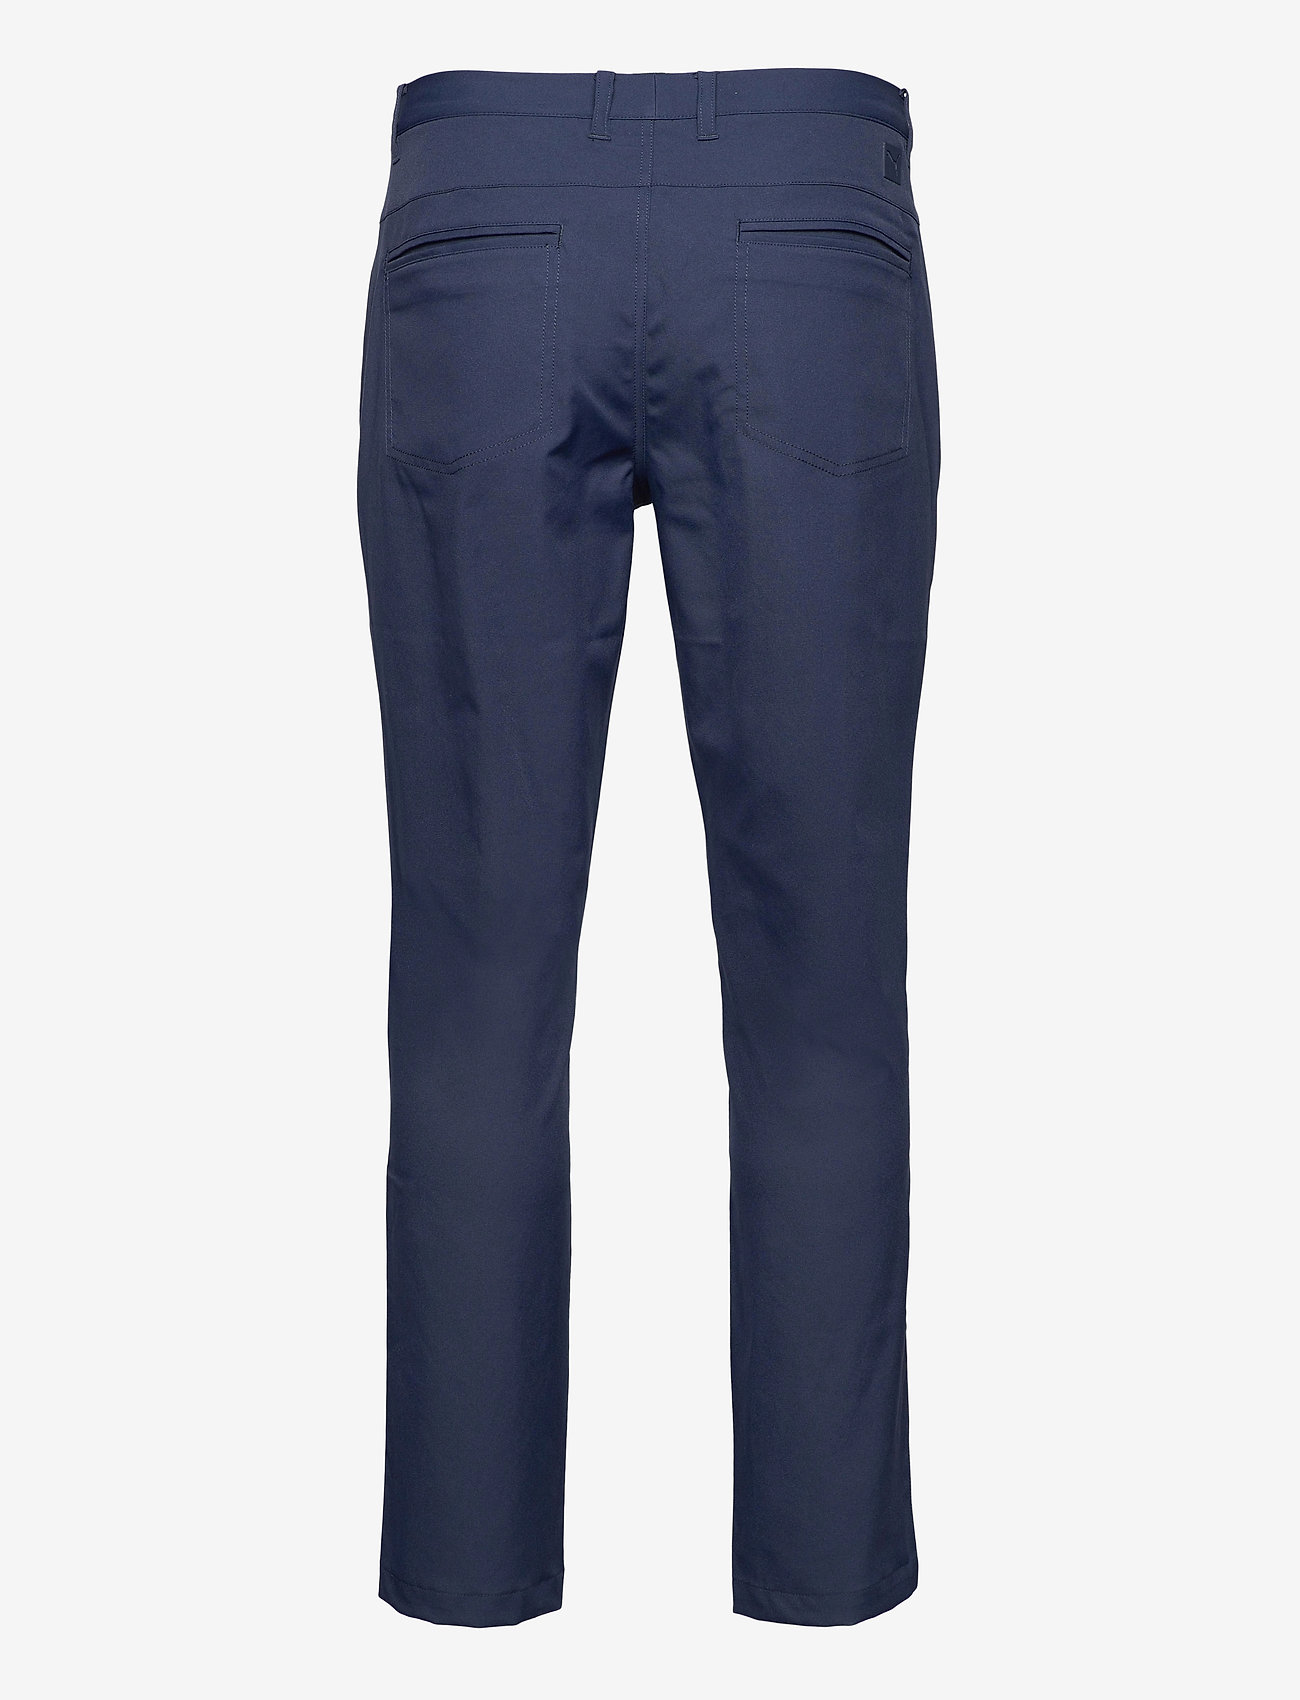 PUMA Golf - Jackpot 5 Pocket Pant - golfbyxor - navy blazer - 1